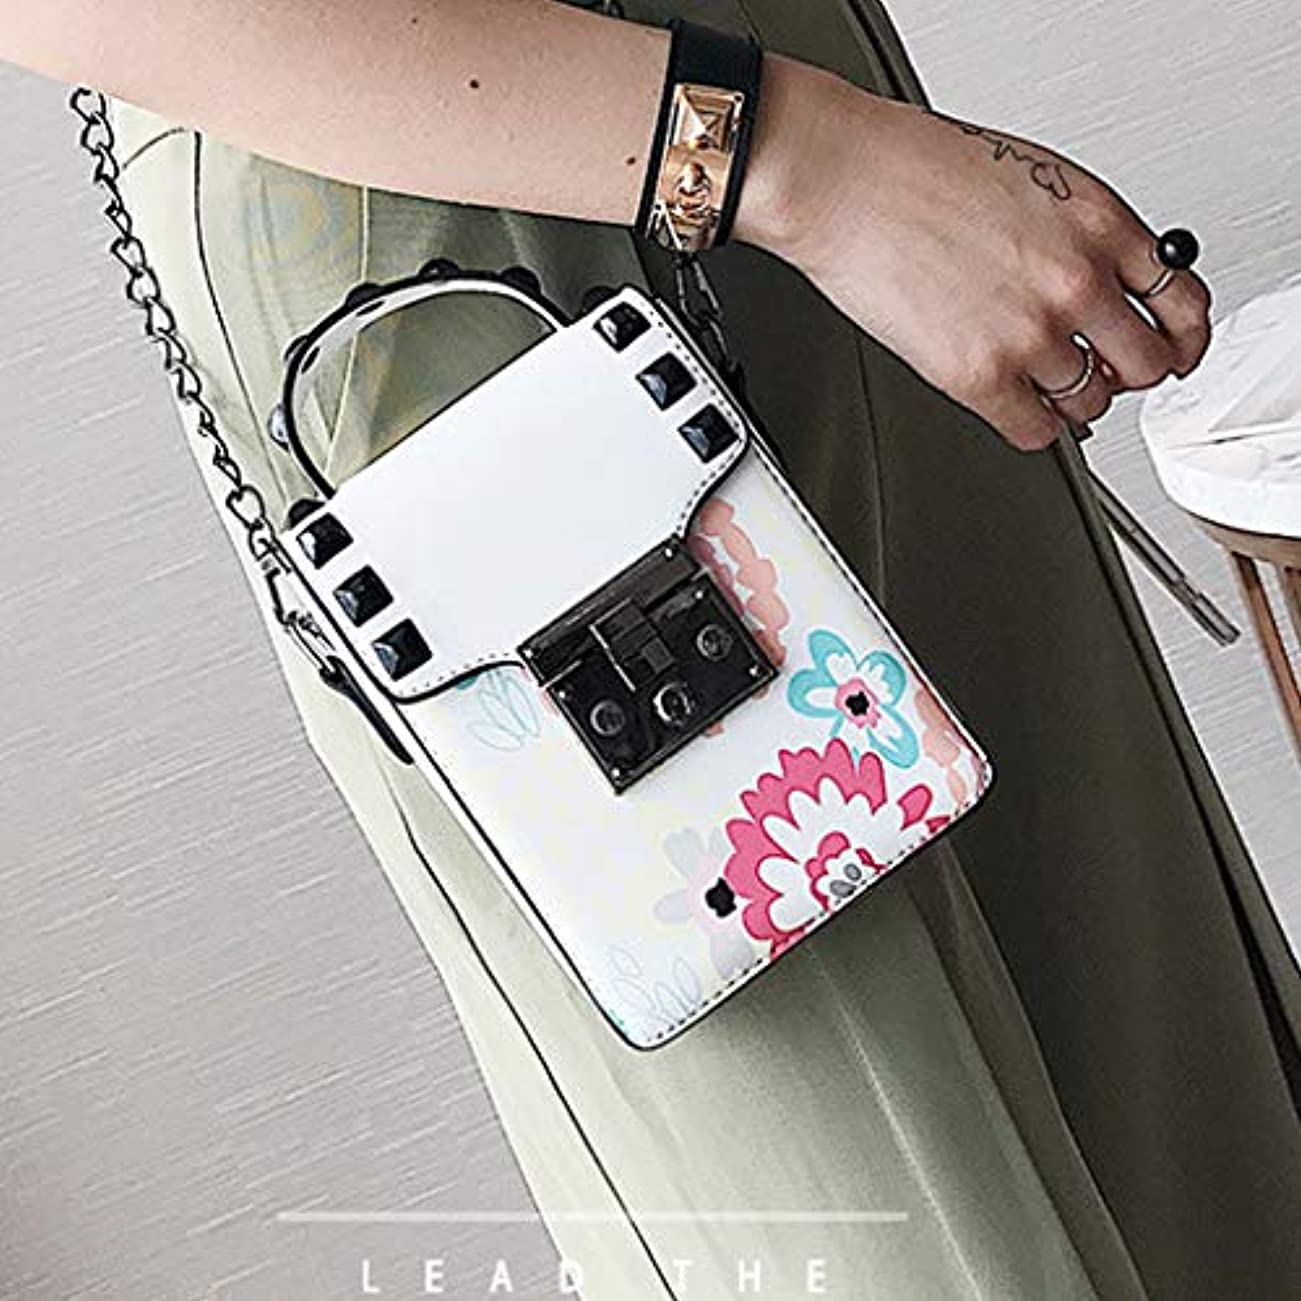 著名な算術荷物女性印刷リベットチェーンショルダーバッグレディースキャンパススタイルクロスボディバッグ、ファッショントレンド新しいクロスボディバッグ、チェーンレディース小さなバッグ、プリントパターントレンド小さな財布 (白)